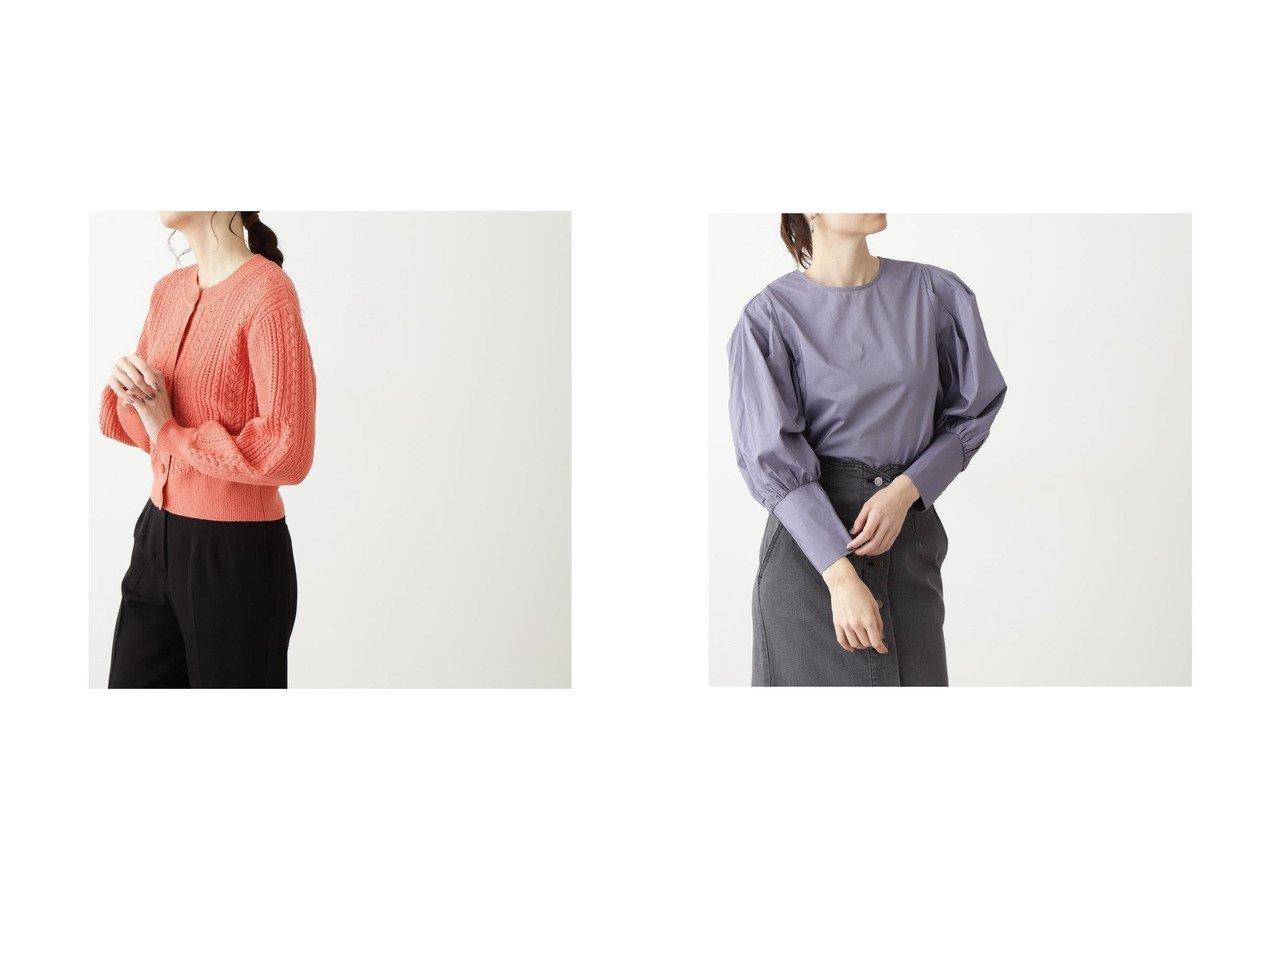 【N.Natural Beauty basic/エヌ ナチュラルビューティーベーシック】のクルーネック柄編みカーディガン&コットンパワーショルダーブラウス トップス・カットソーのおすすめ!人気、トレンド・レディースファッションの通販 おすすめで人気の流行・トレンド、ファッションの通販商品 メンズファッション・キッズファッション・インテリア・家具・レディースファッション・服の通販 founy(ファニー) https://founy.com/ ファッション Fashion レディースファッション WOMEN トップス Tops Tshirt カーディガン Cardigans シャツ/ブラウス Shirts Blouses 2021年 2021 2021 春夏 S/S SS Spring/Summer 2021 S/S 春夏 SS Spring/Summer アクリル インナー カーディガン シンプル スタンダード 春 Spring |ID:crp329100000015898